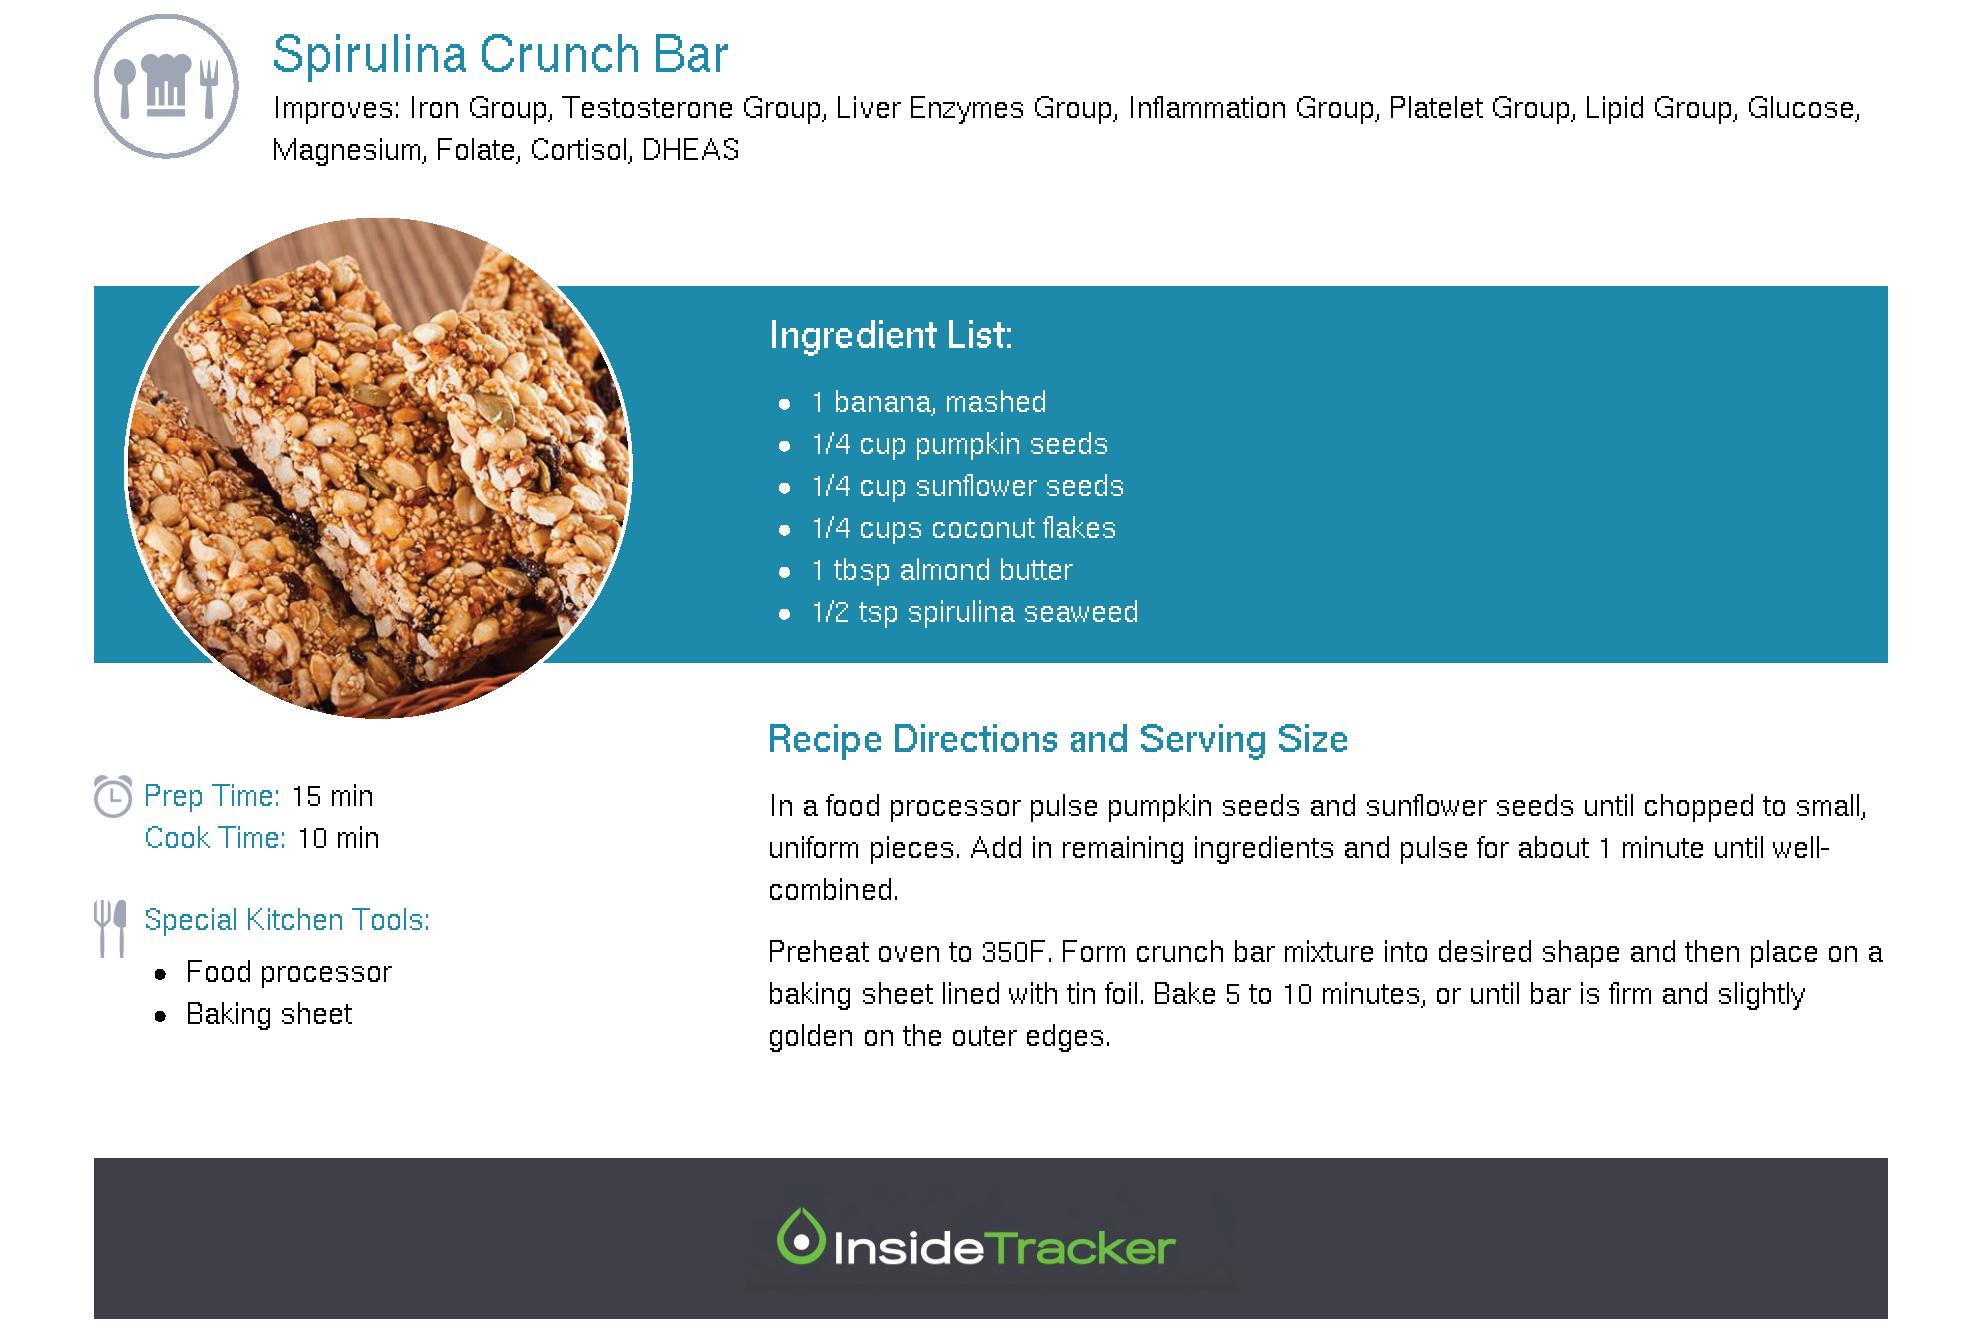 Spirulina Crunch Bar